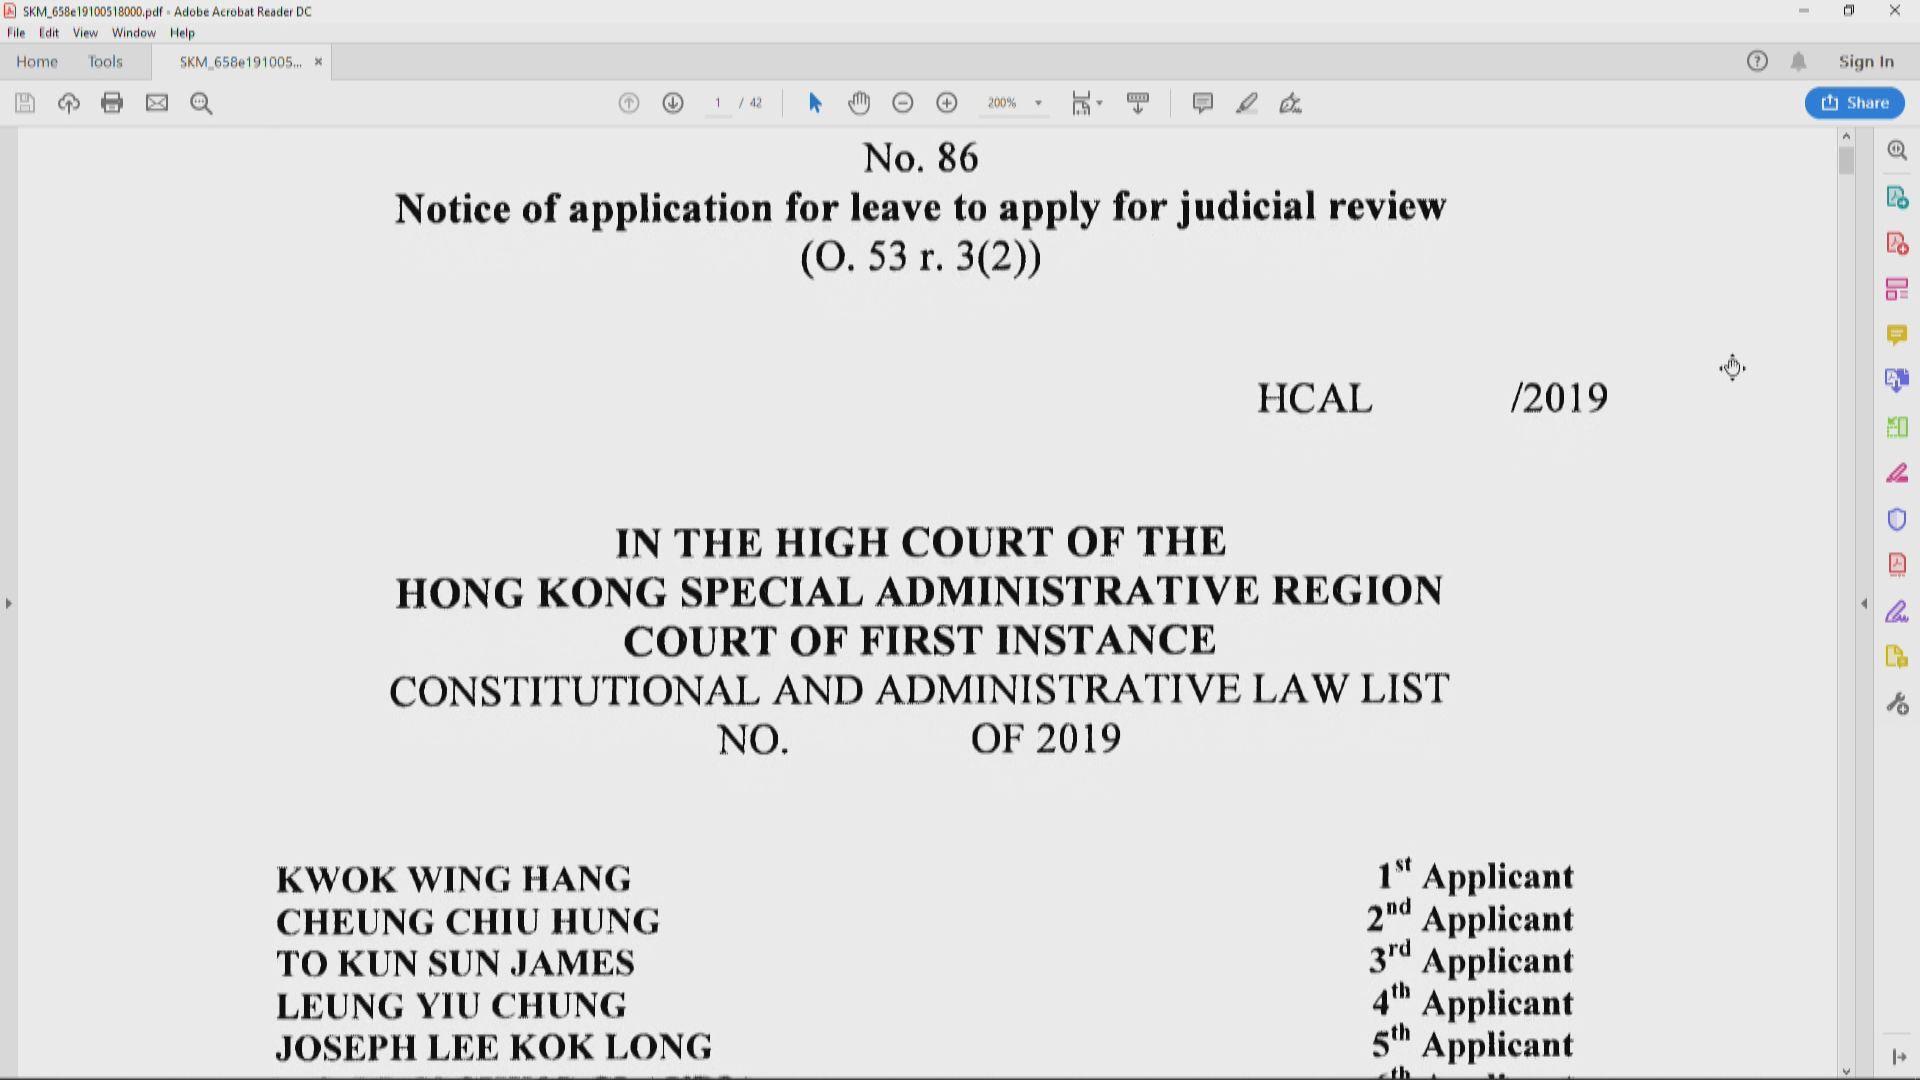 泛民議員就引用緊急法申請臨時禁制令及司法覆核